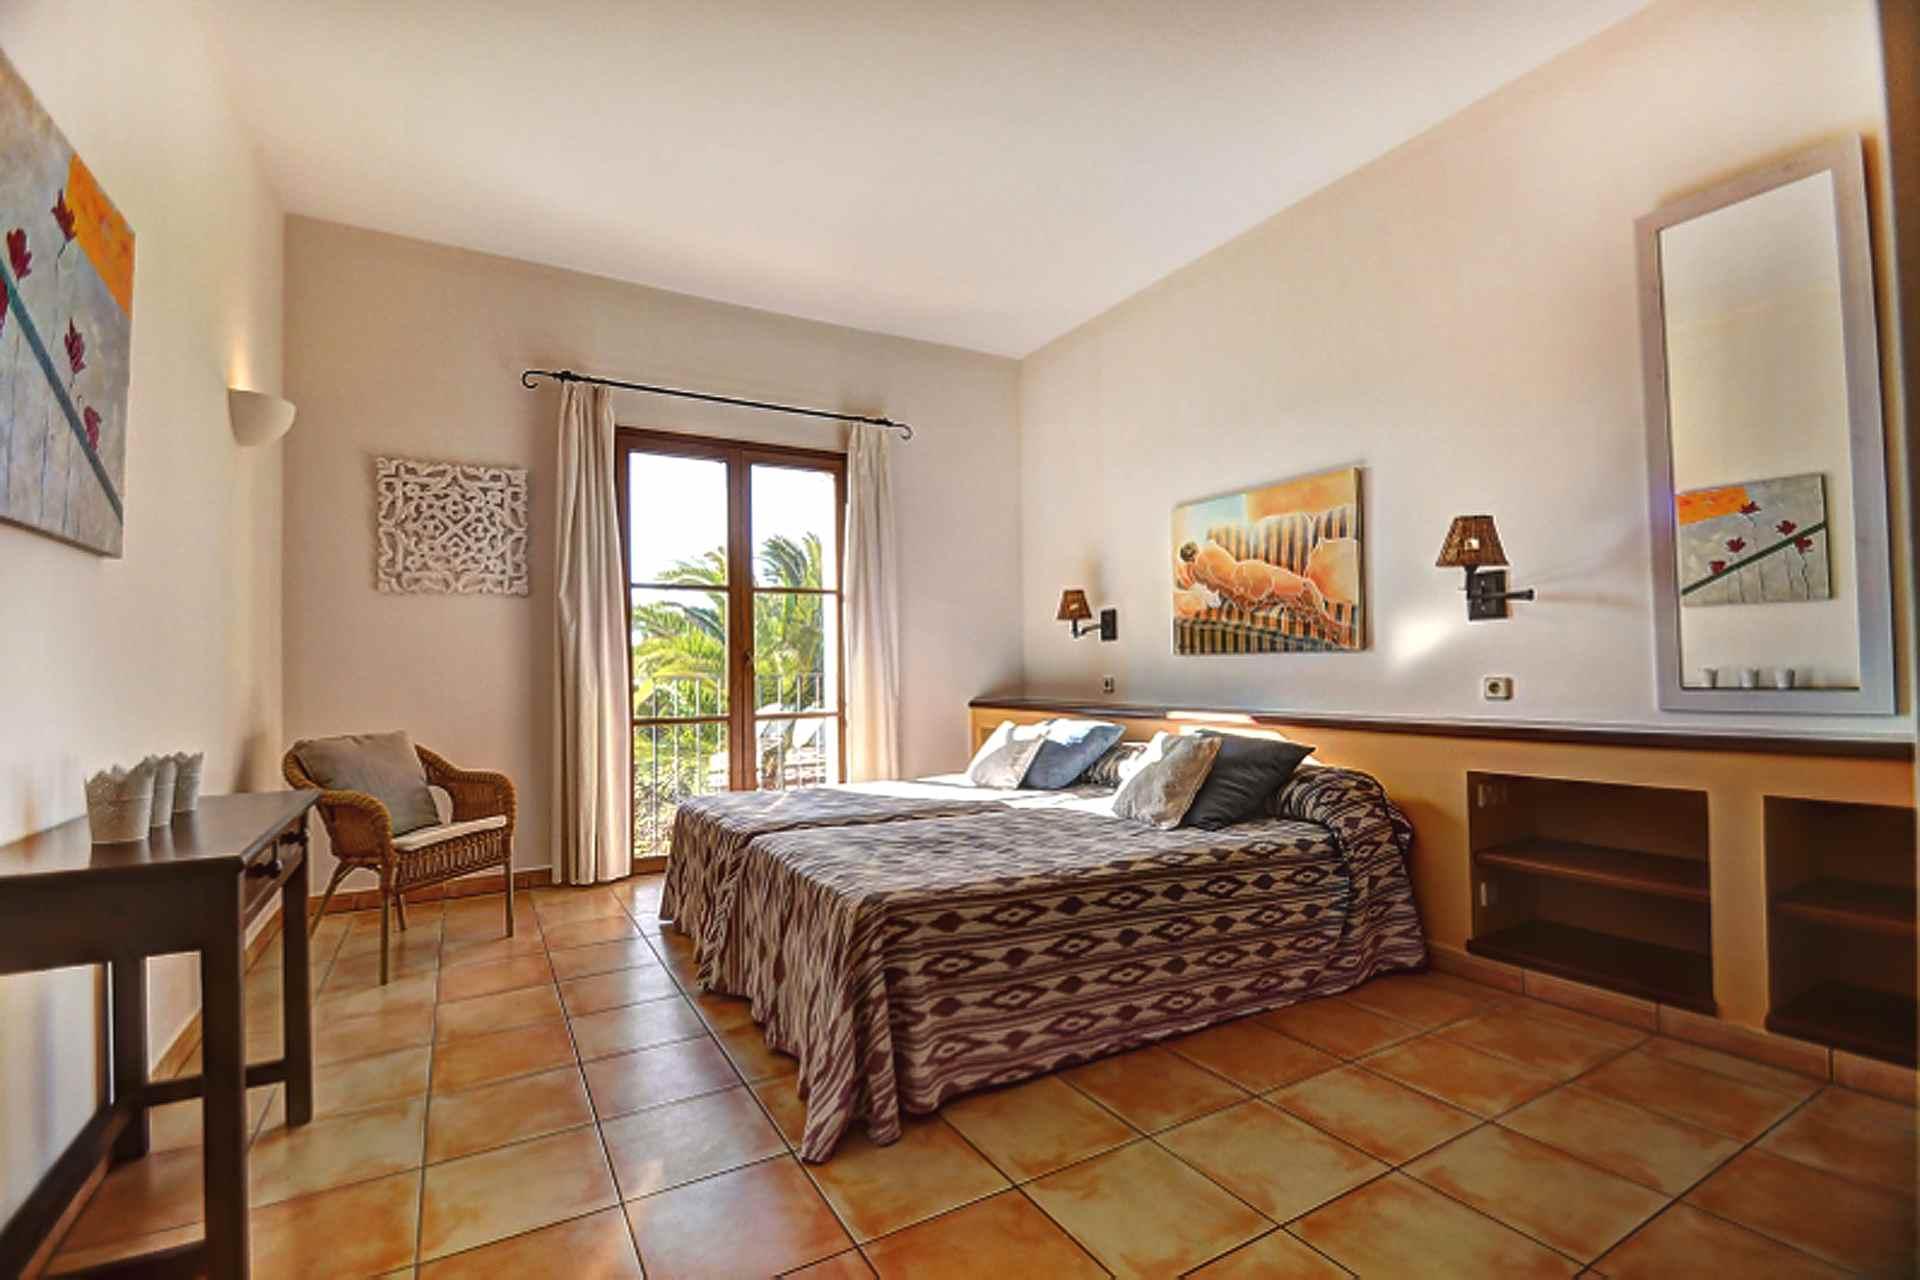 01-38 Mallorquinische Finca Mallorca Osten Bild 21